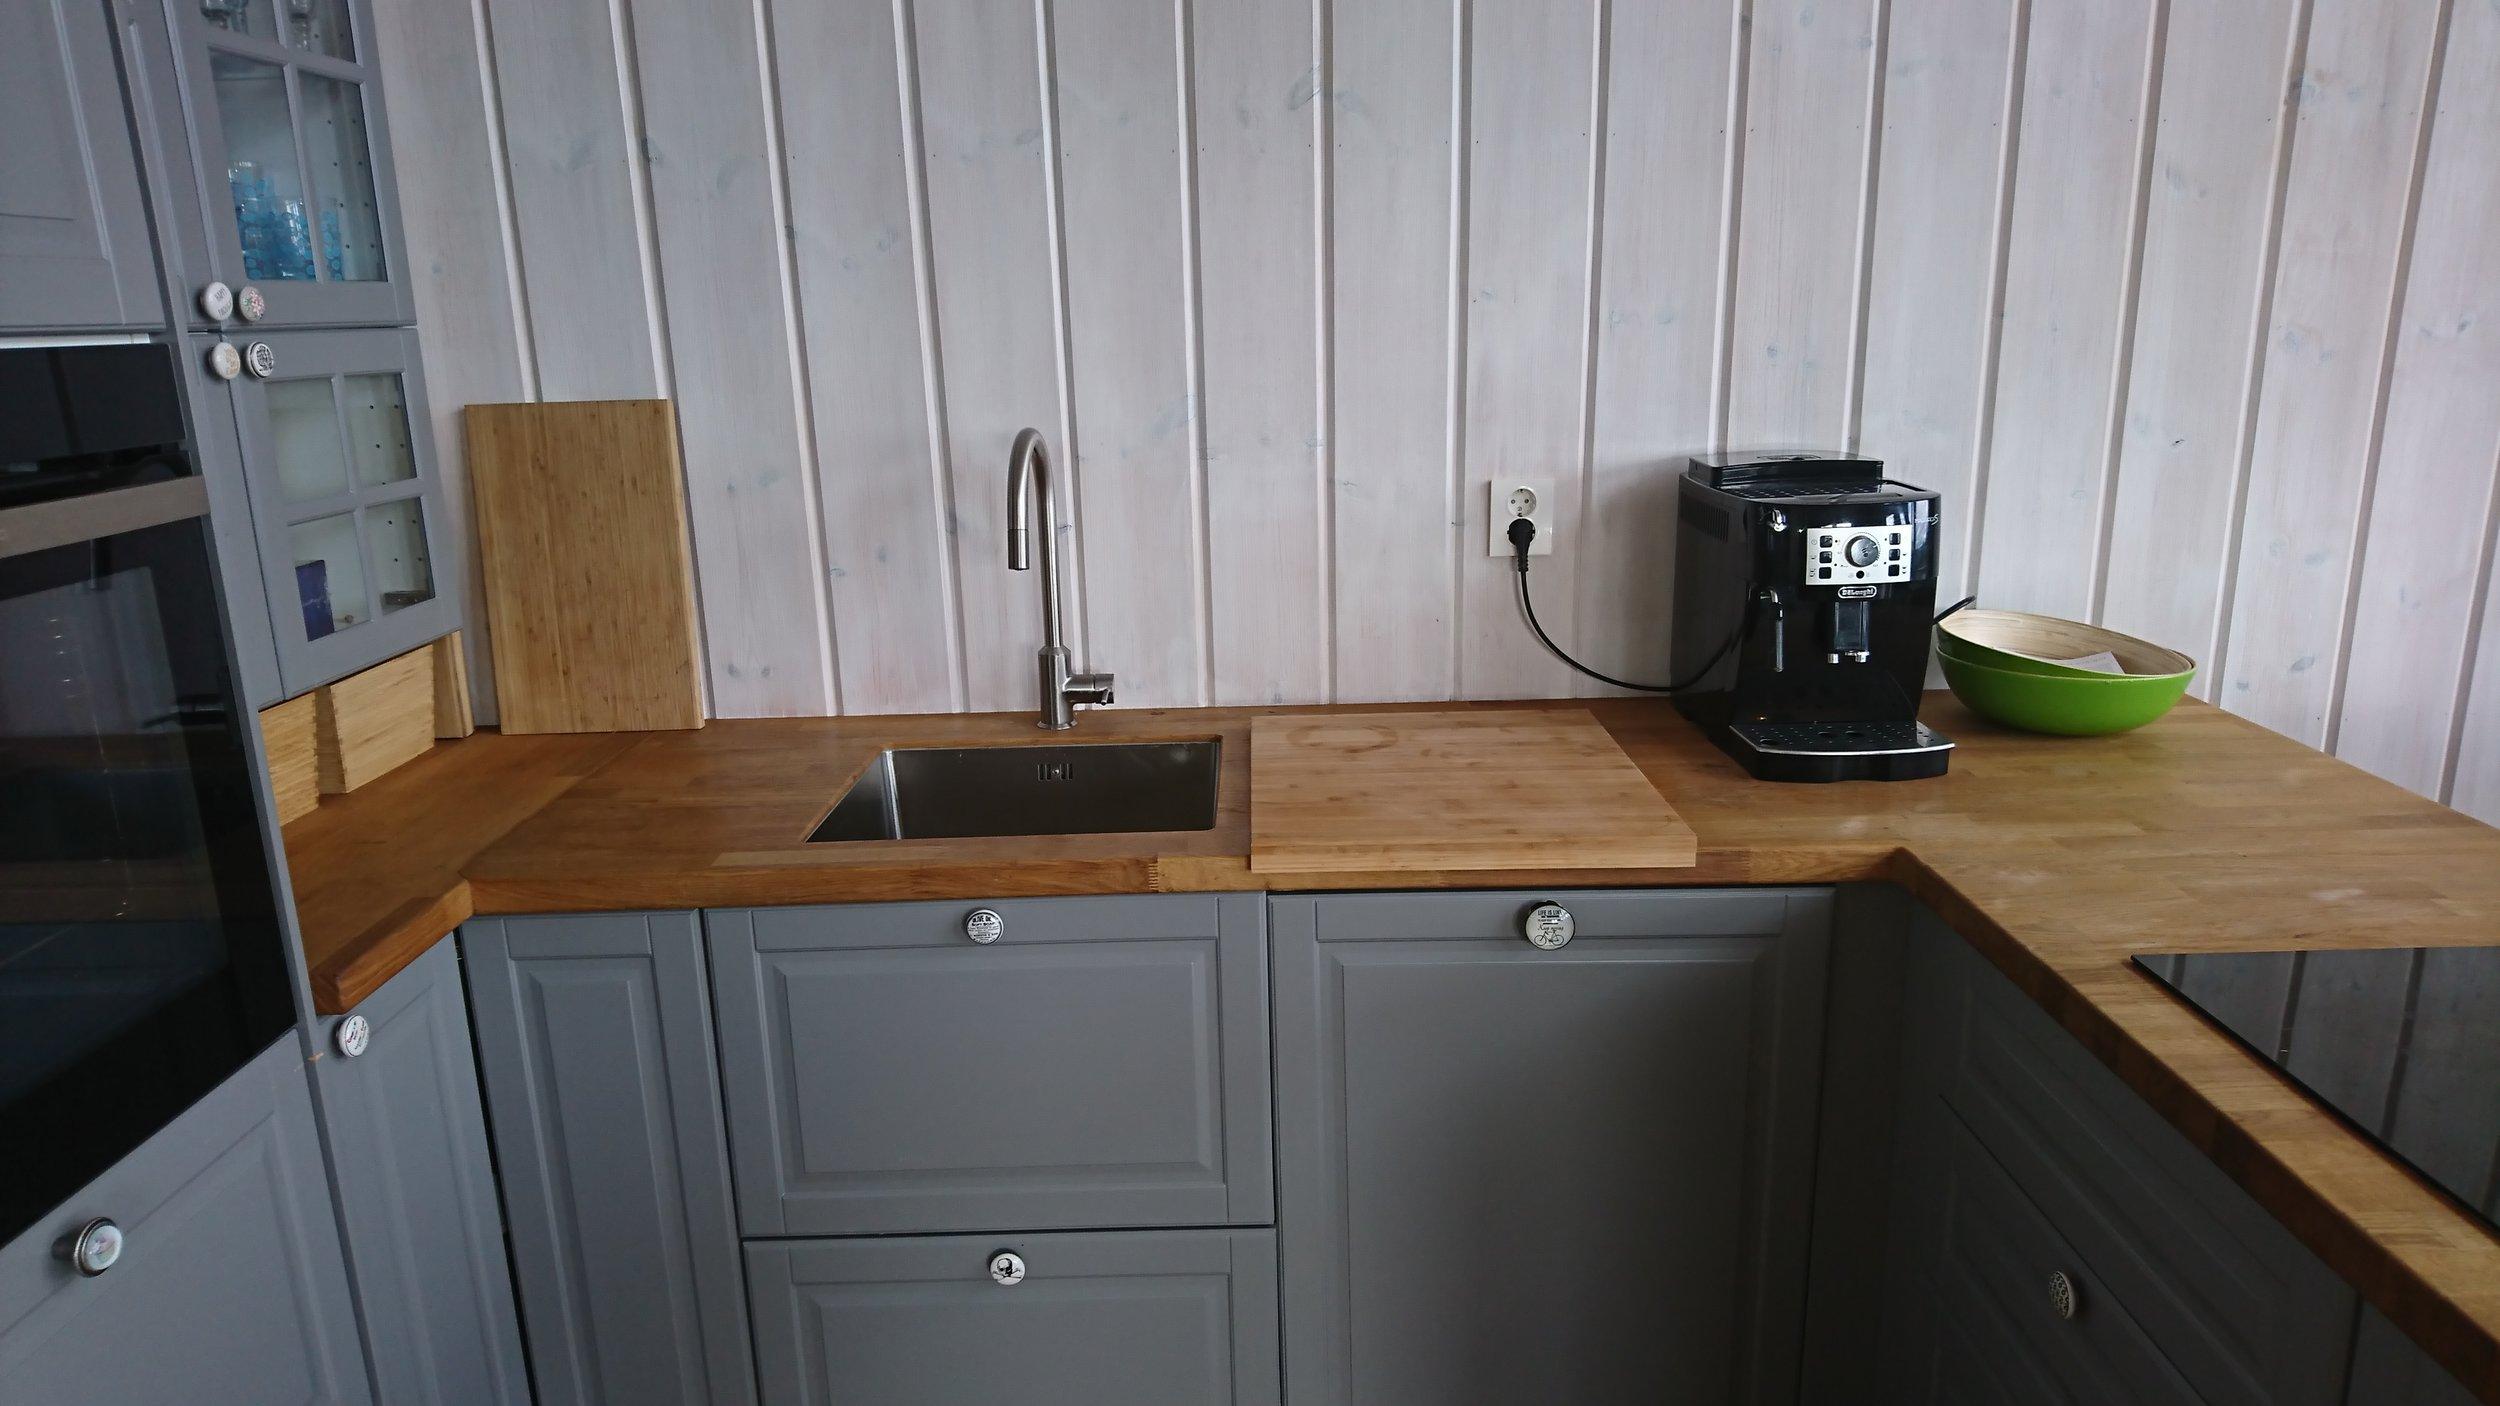 """På kjøkkenet er oppvaskmaskin under kaffemaskinen. Bruksanvisning til kaffemaskinen ligger i den grønne skålen. Tuten på vannkranen kan """"trekkes ut"""" slik at det blir litt lettere å skylle i vaskekummen. Under vaskekummen er søppel og oppvask ting. Det er også en atomatisk vannstopp som stenger vannet til oppvaskmaskinen hvis den registrere vannlekasje."""